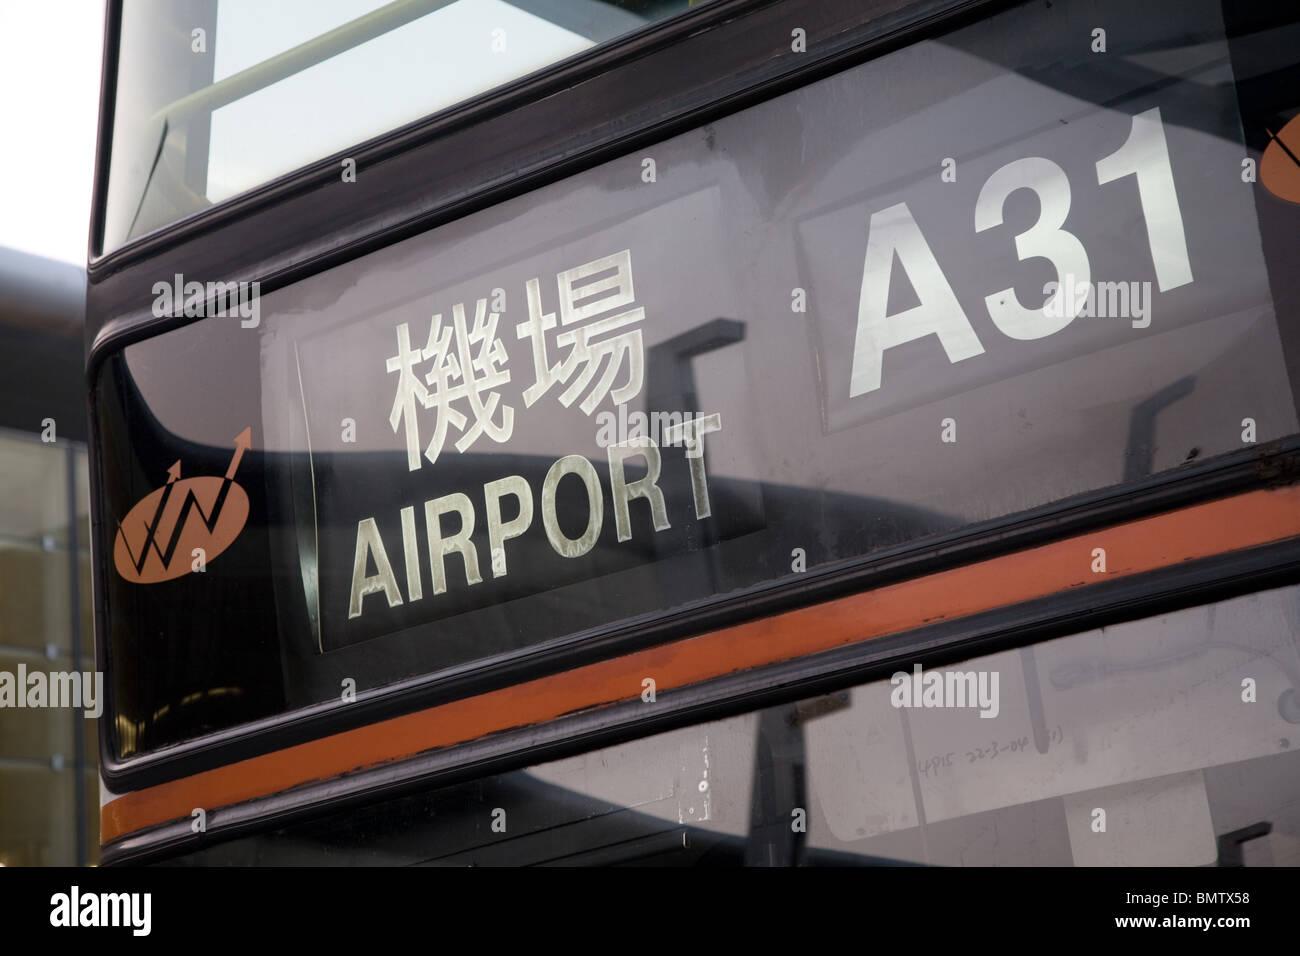 Chek Lap Kok Airport bus Hong Kong SAR China - Stock Image